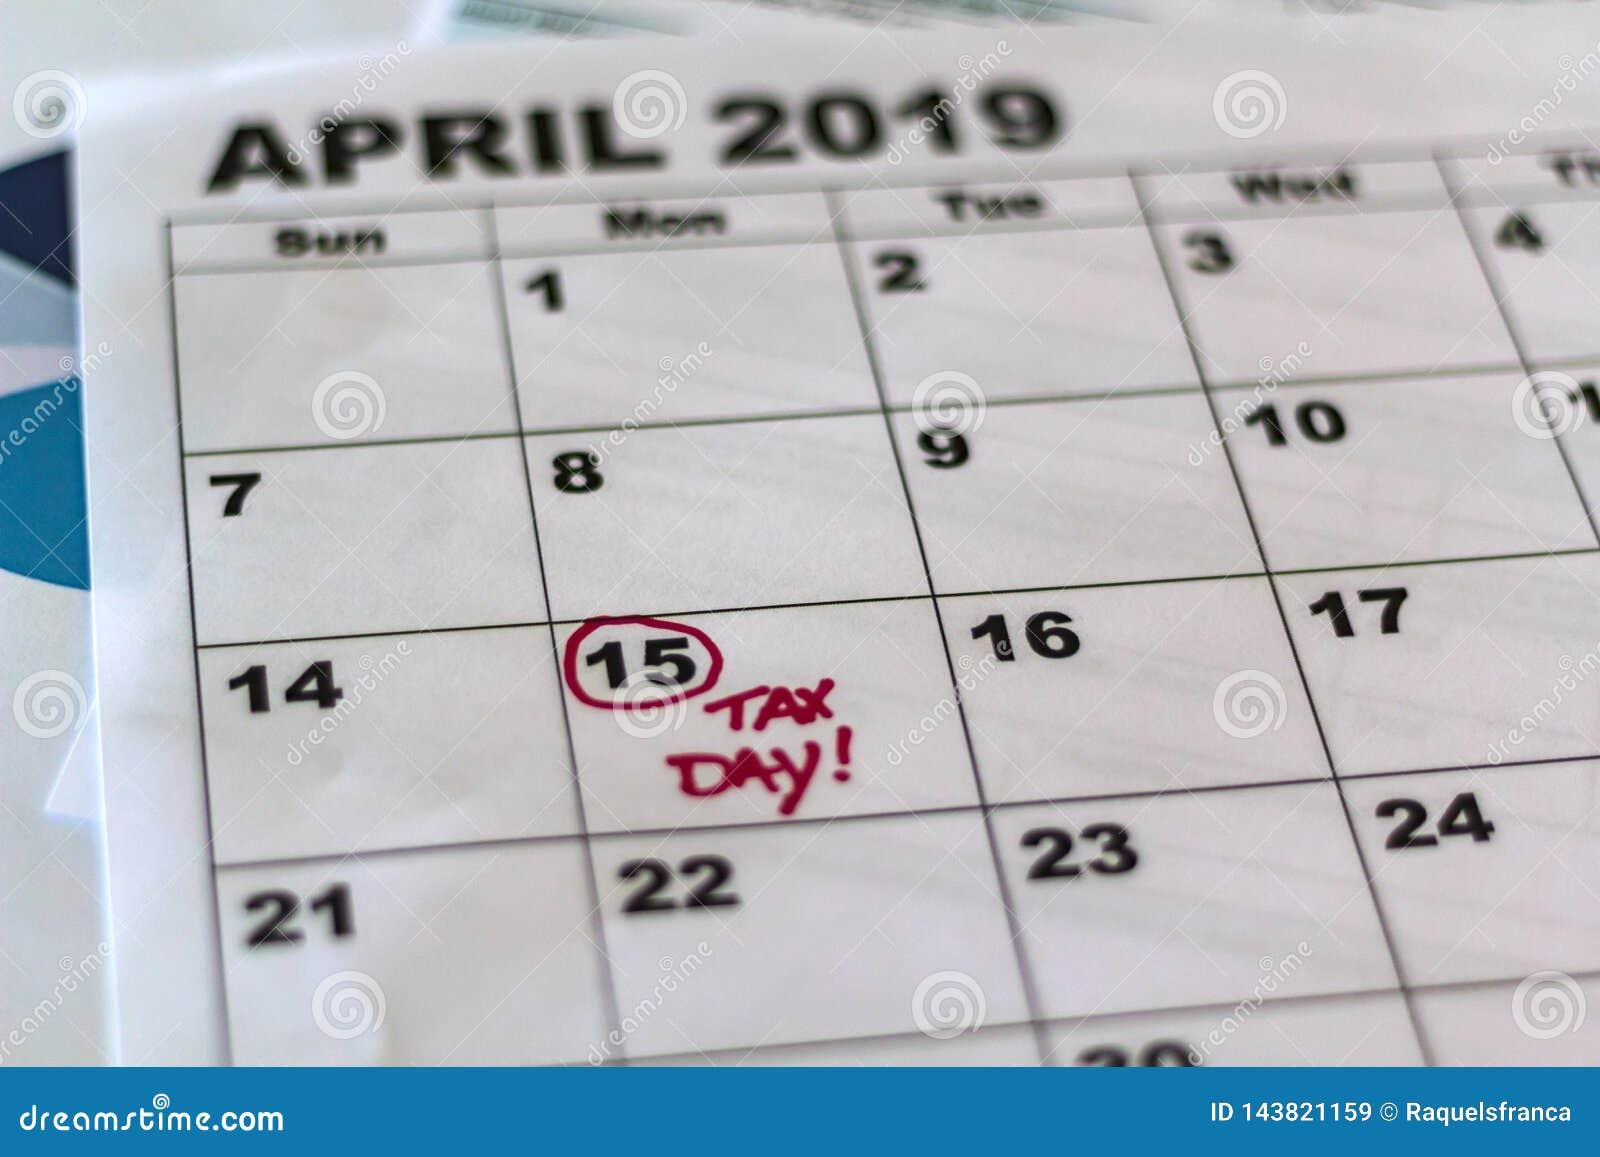 Steuerschuldabgabefrist 2019 markiert auf Kalender